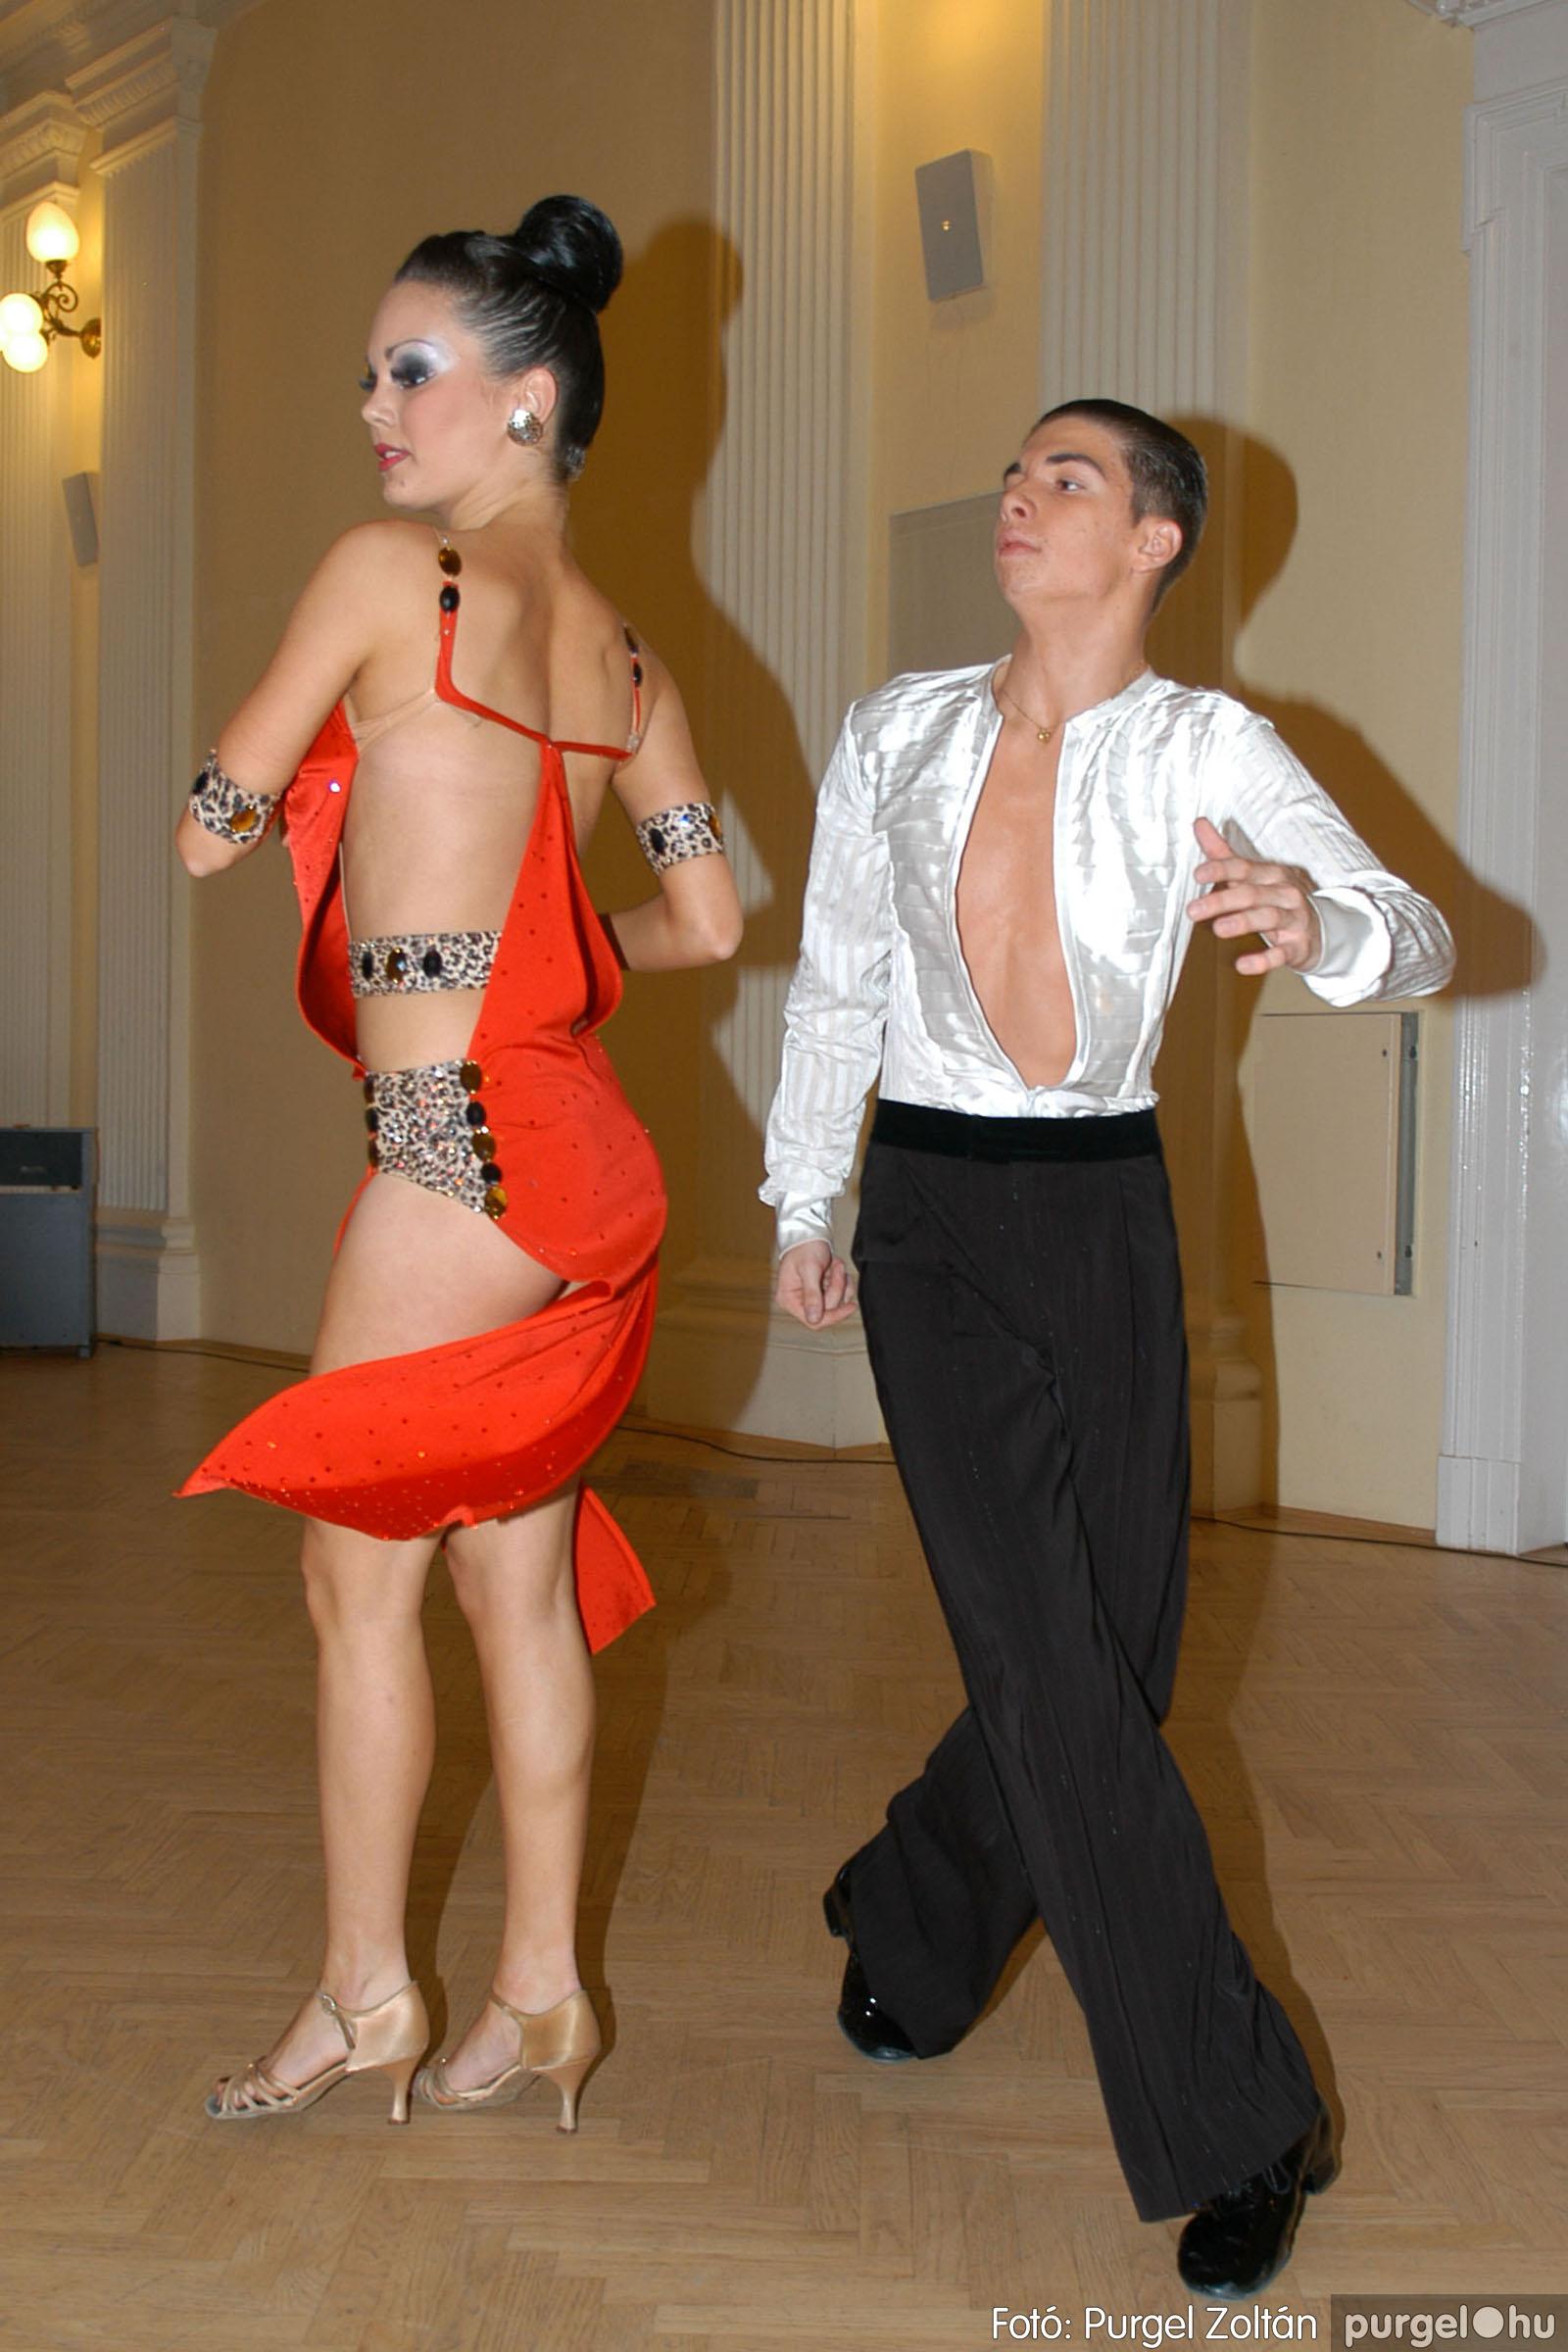 2010.10.28. 152 Szegvár és Vidéke Takarékszövetkezet takarékossági világnap rendezvény - Fotó:P. Z..jpg